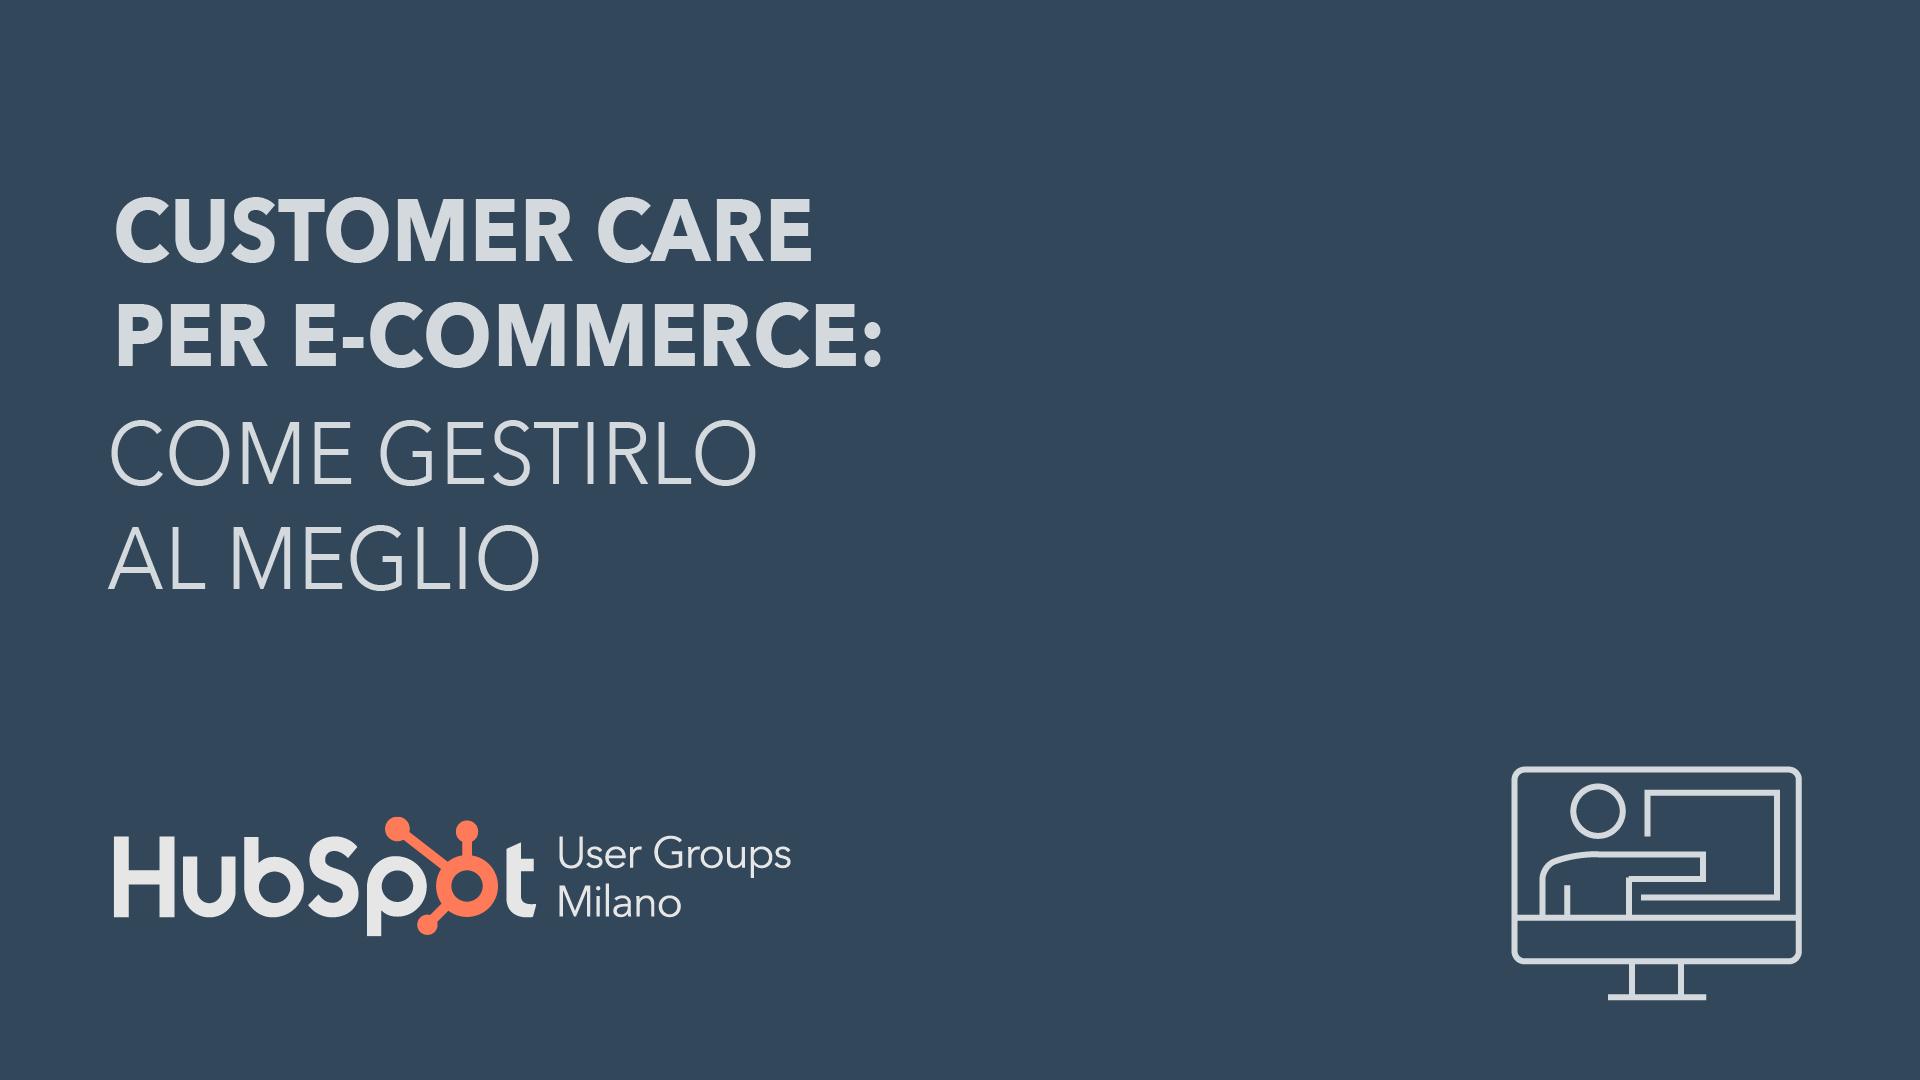 Customer care per e-commerce: come gestirlo al meglio